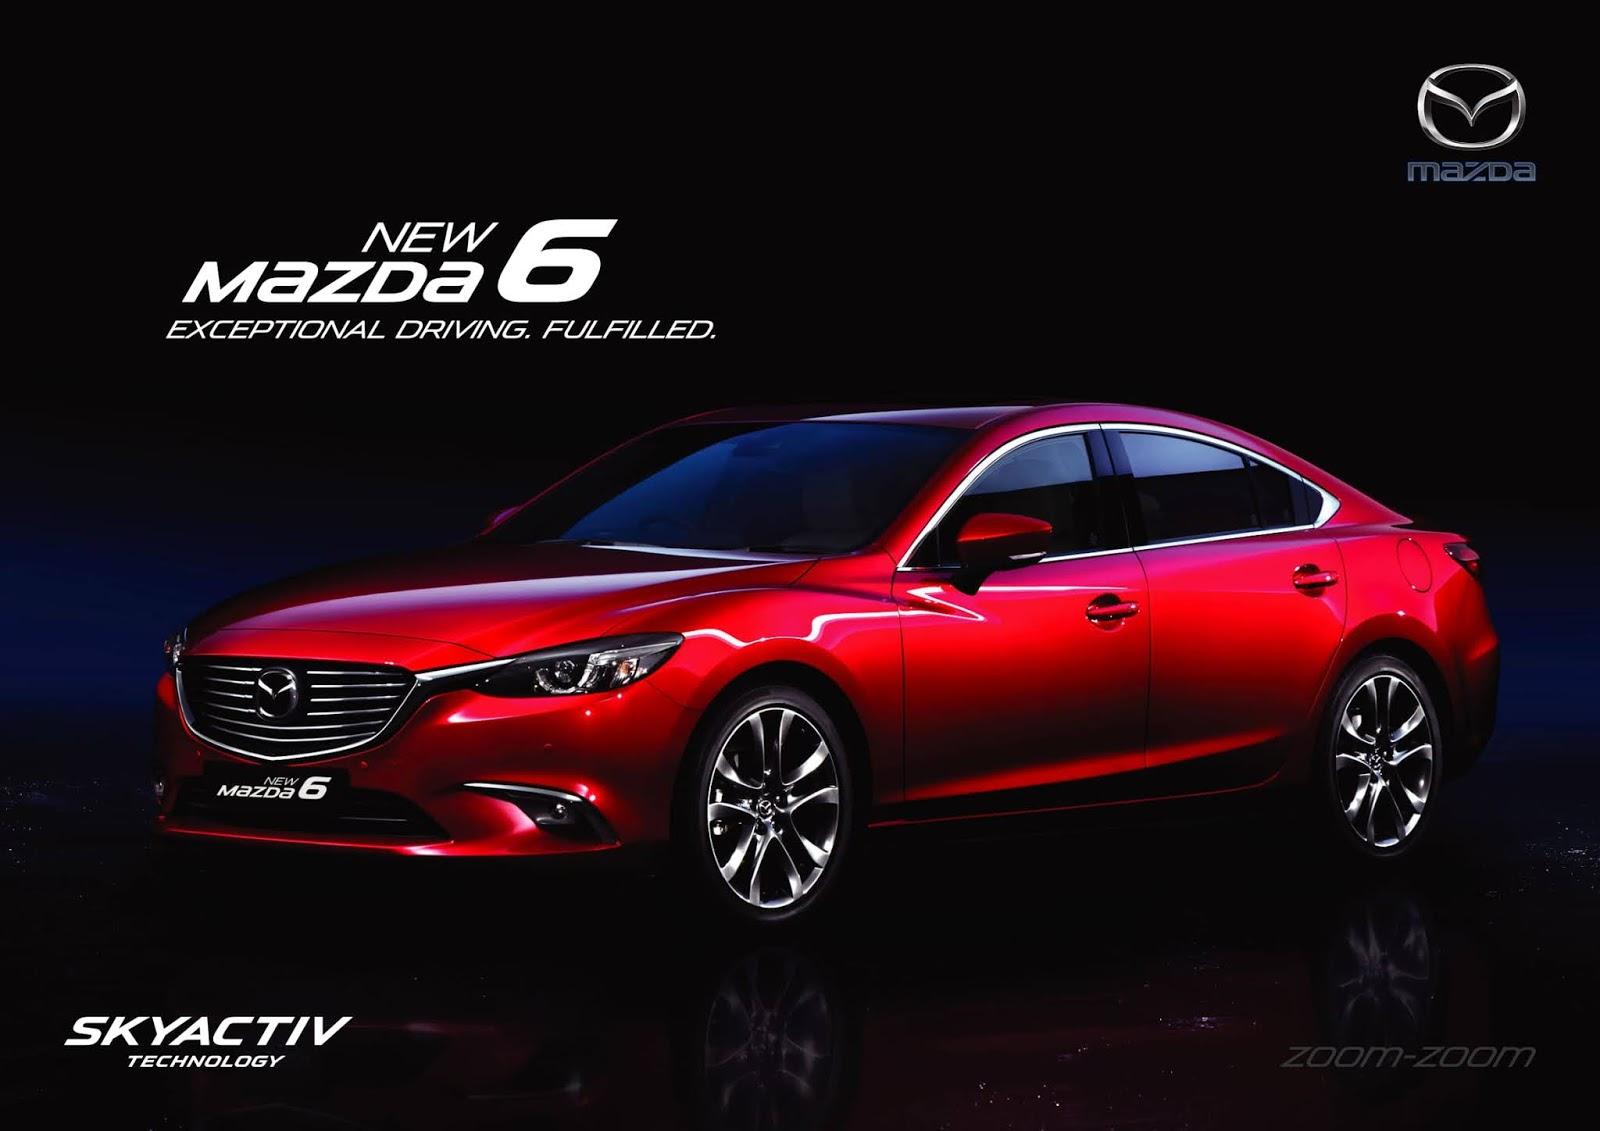 New Mazda 6 Estate, Promo Mazda 6 Estate Bali & Harga Mazda 6 Estate Bali